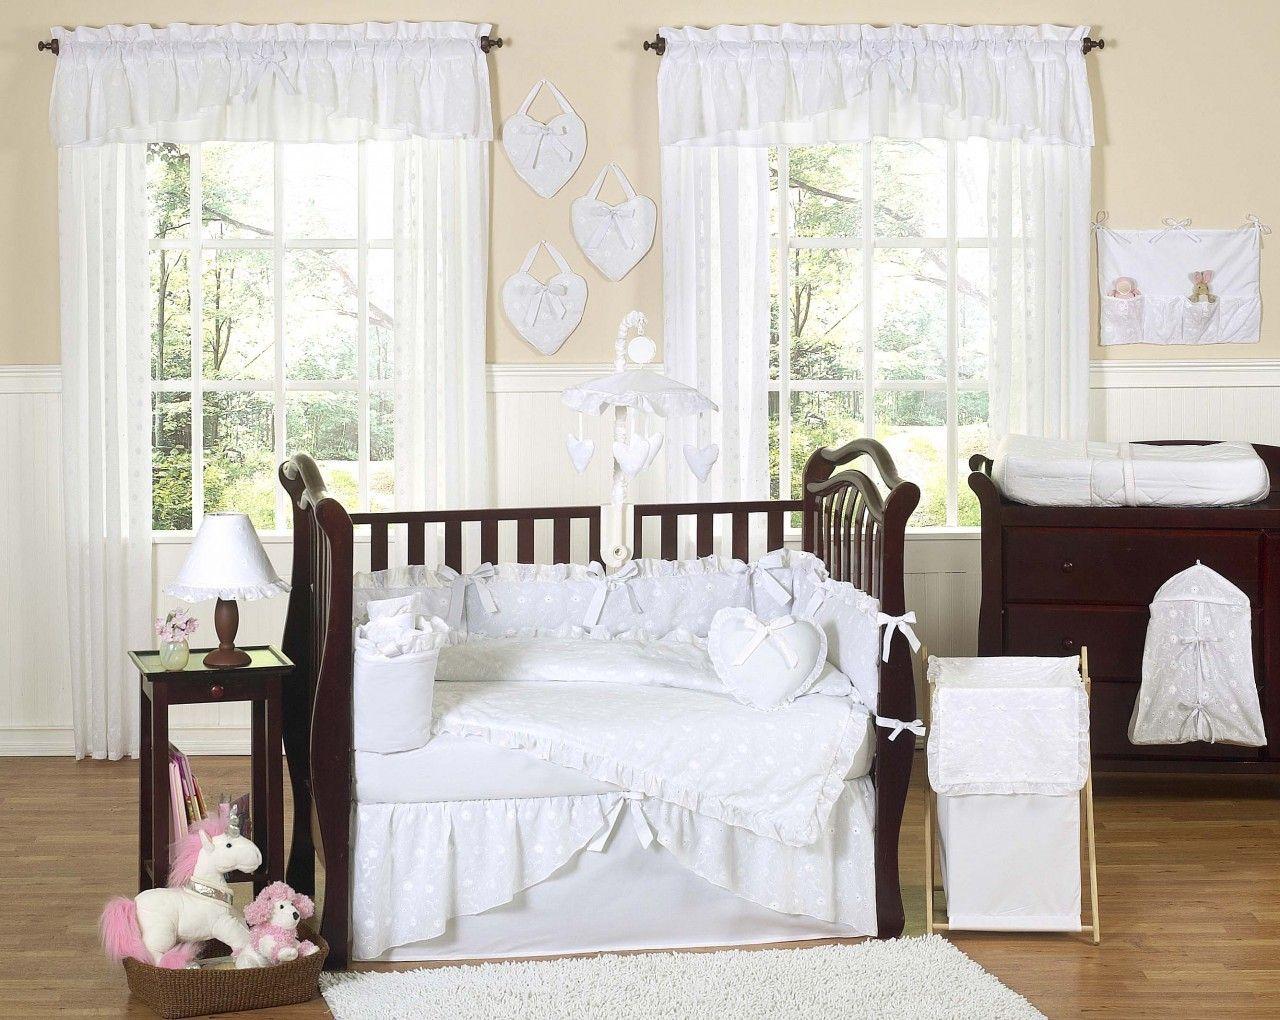 Eyelet White Crib Bedding By Sweet Jojo Designs White Crib Bedding White Baby Bedding Baby Bedding Sets